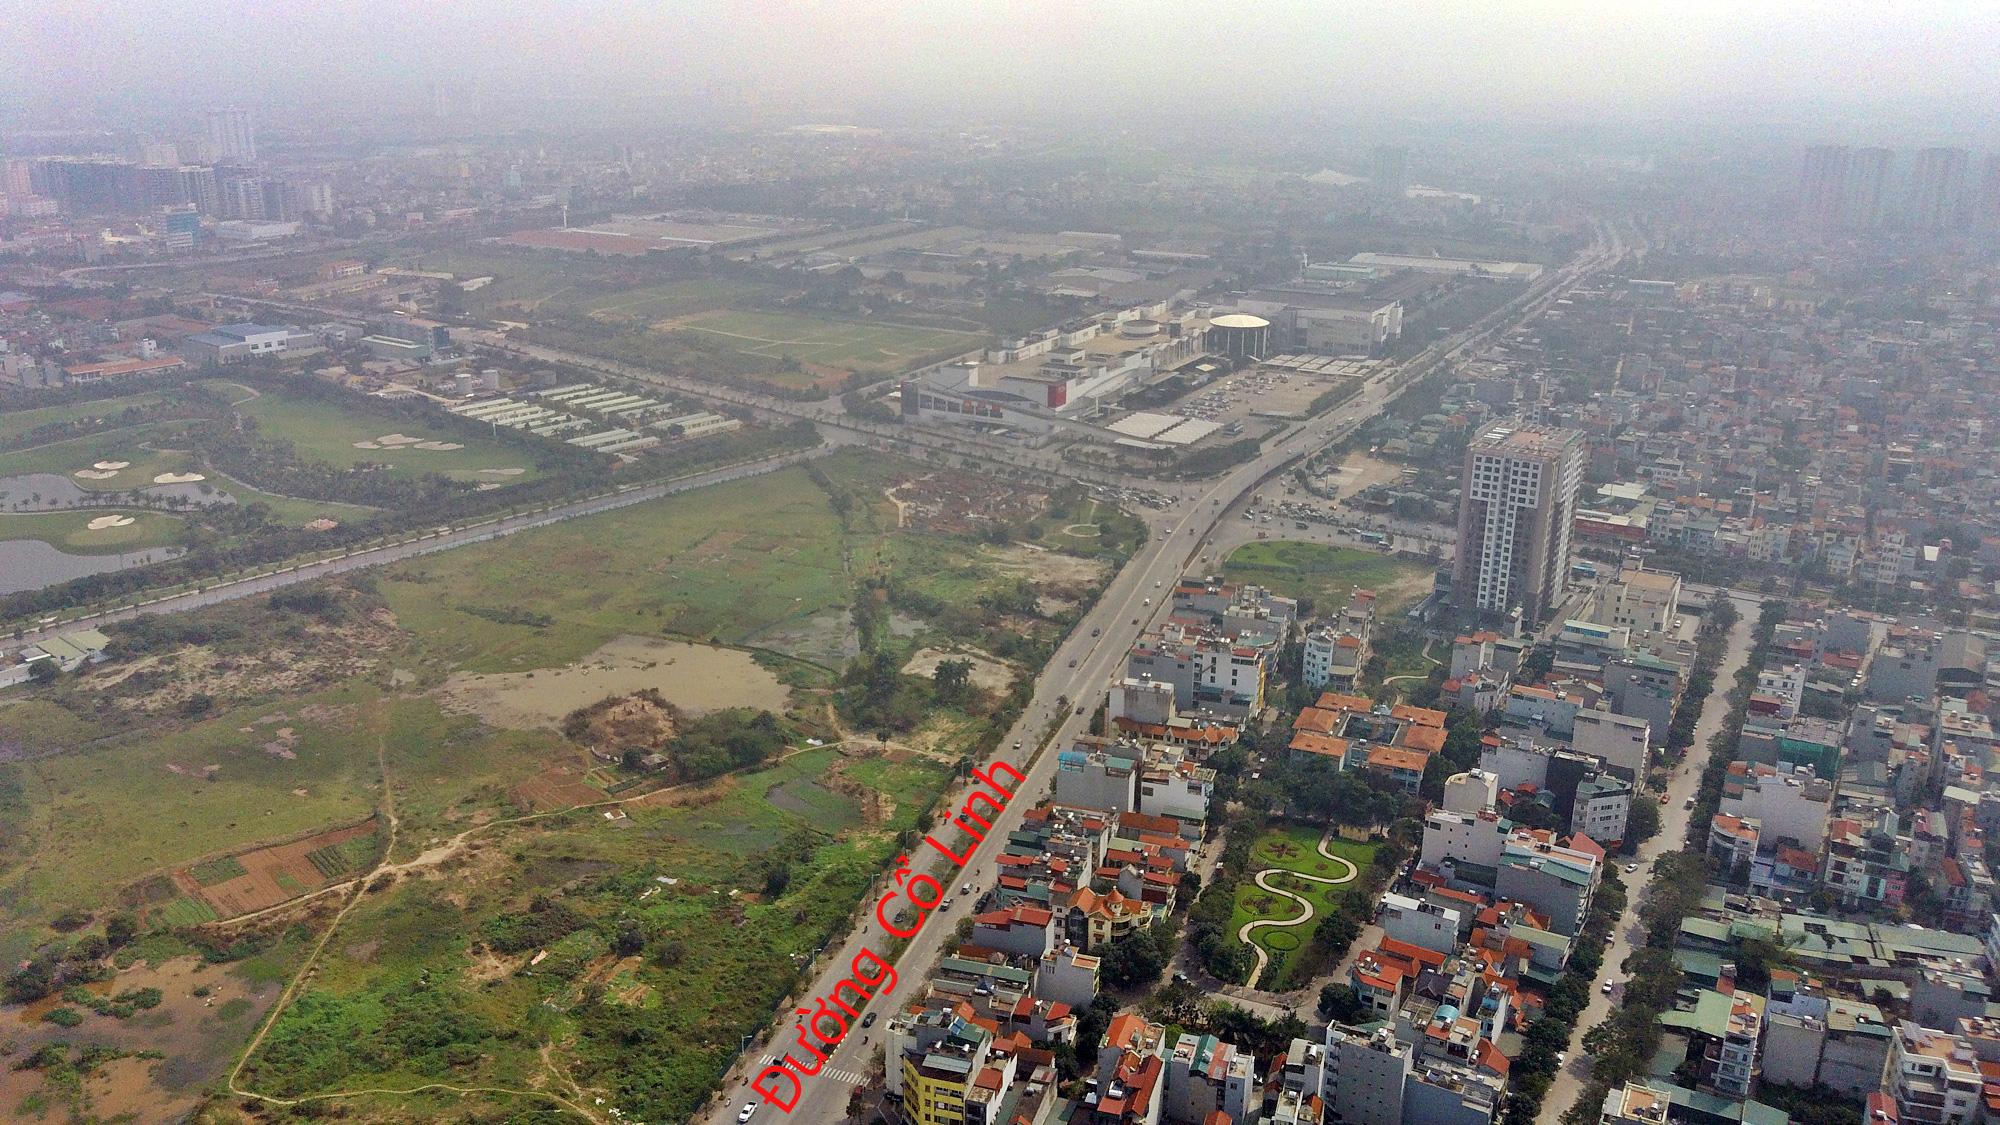 Cầu sẽ mở theo qui hoạch ở Hà Nội: Toàn cảnh cầu/hầm Trần Hưng Đạo nối quận Hoàn Kiếm - Long Biên - Ảnh 11.